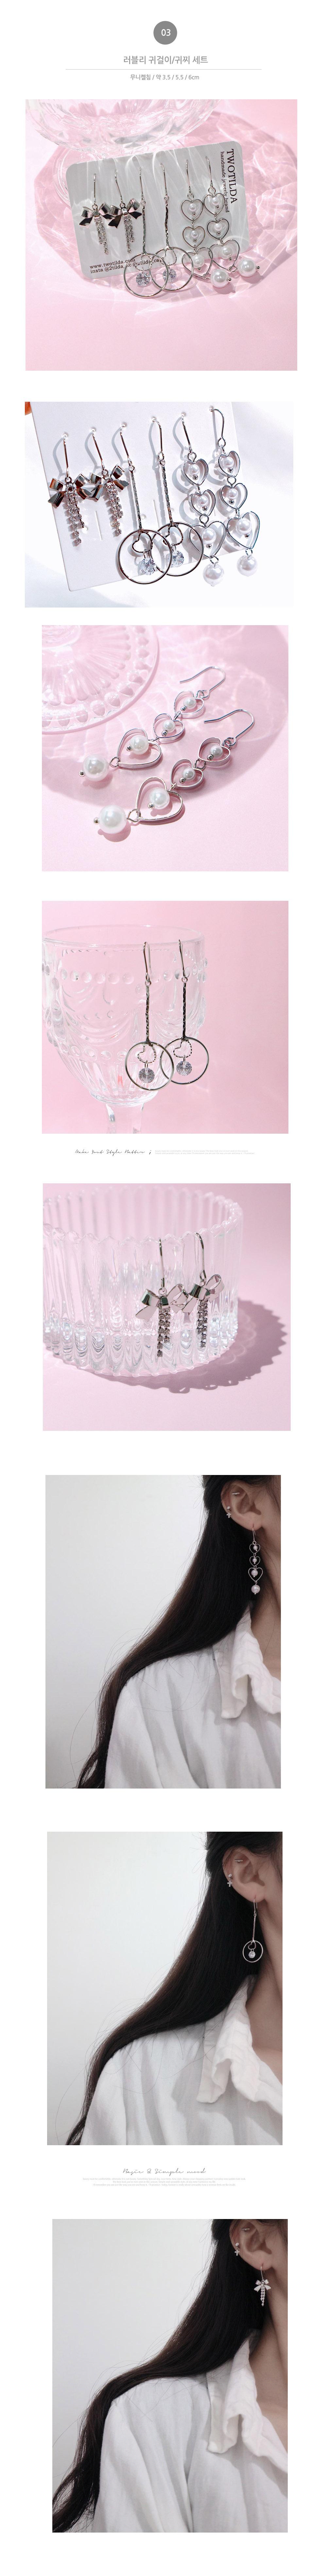 데일리 귀걸이세트 컬렉션 - 투틸다, 9,900원, 실버, 드롭귀걸이